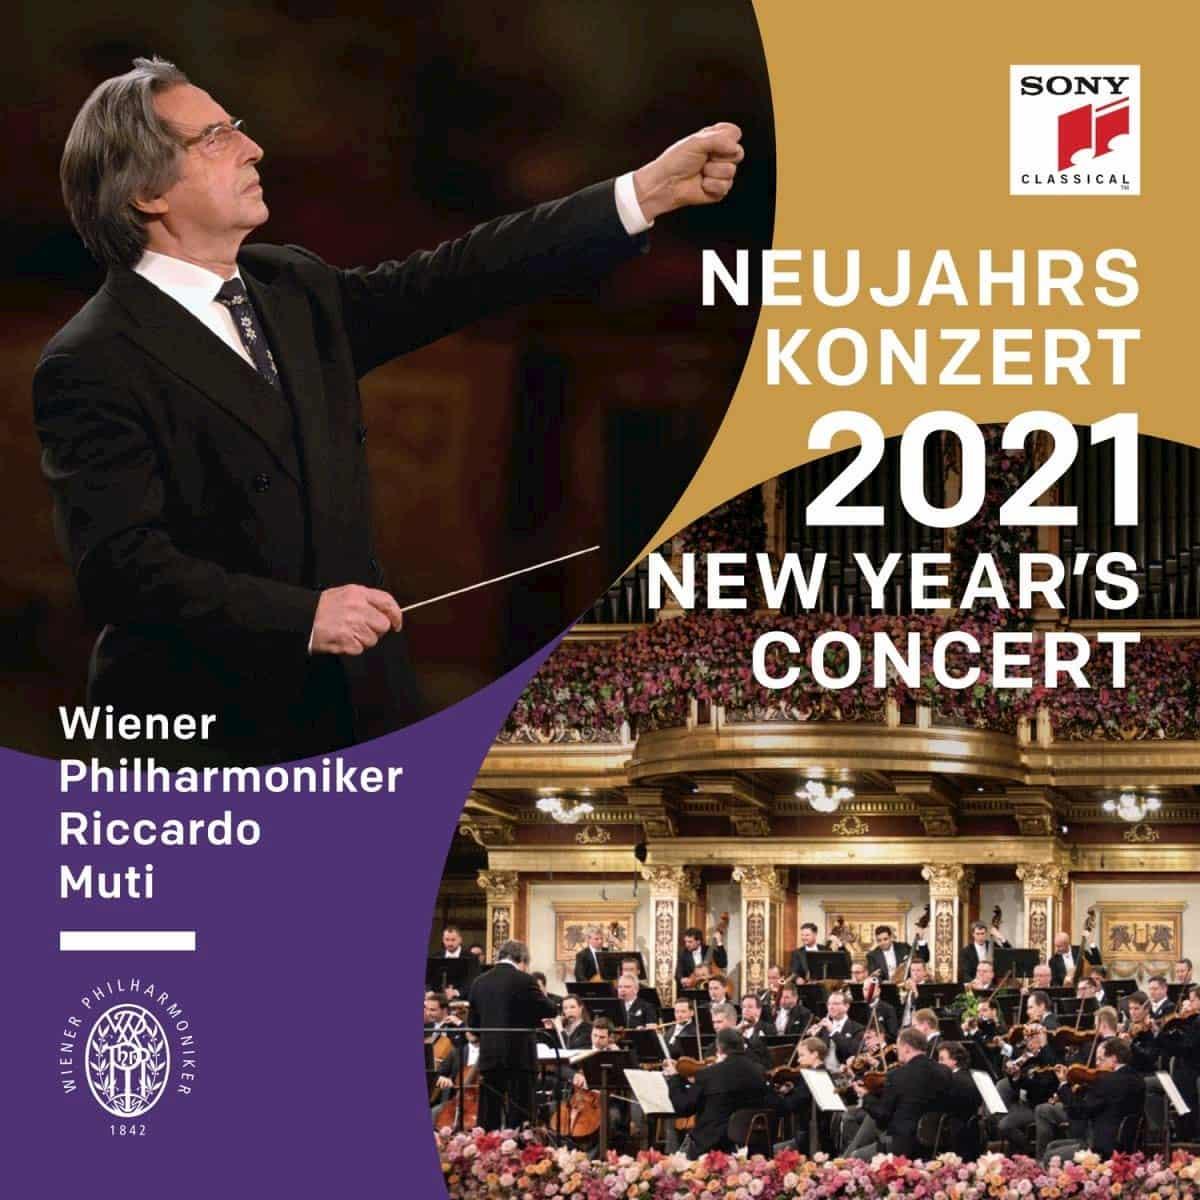 CD und DVD Neujahrskonzert 2021 Wiener Philharmoniker